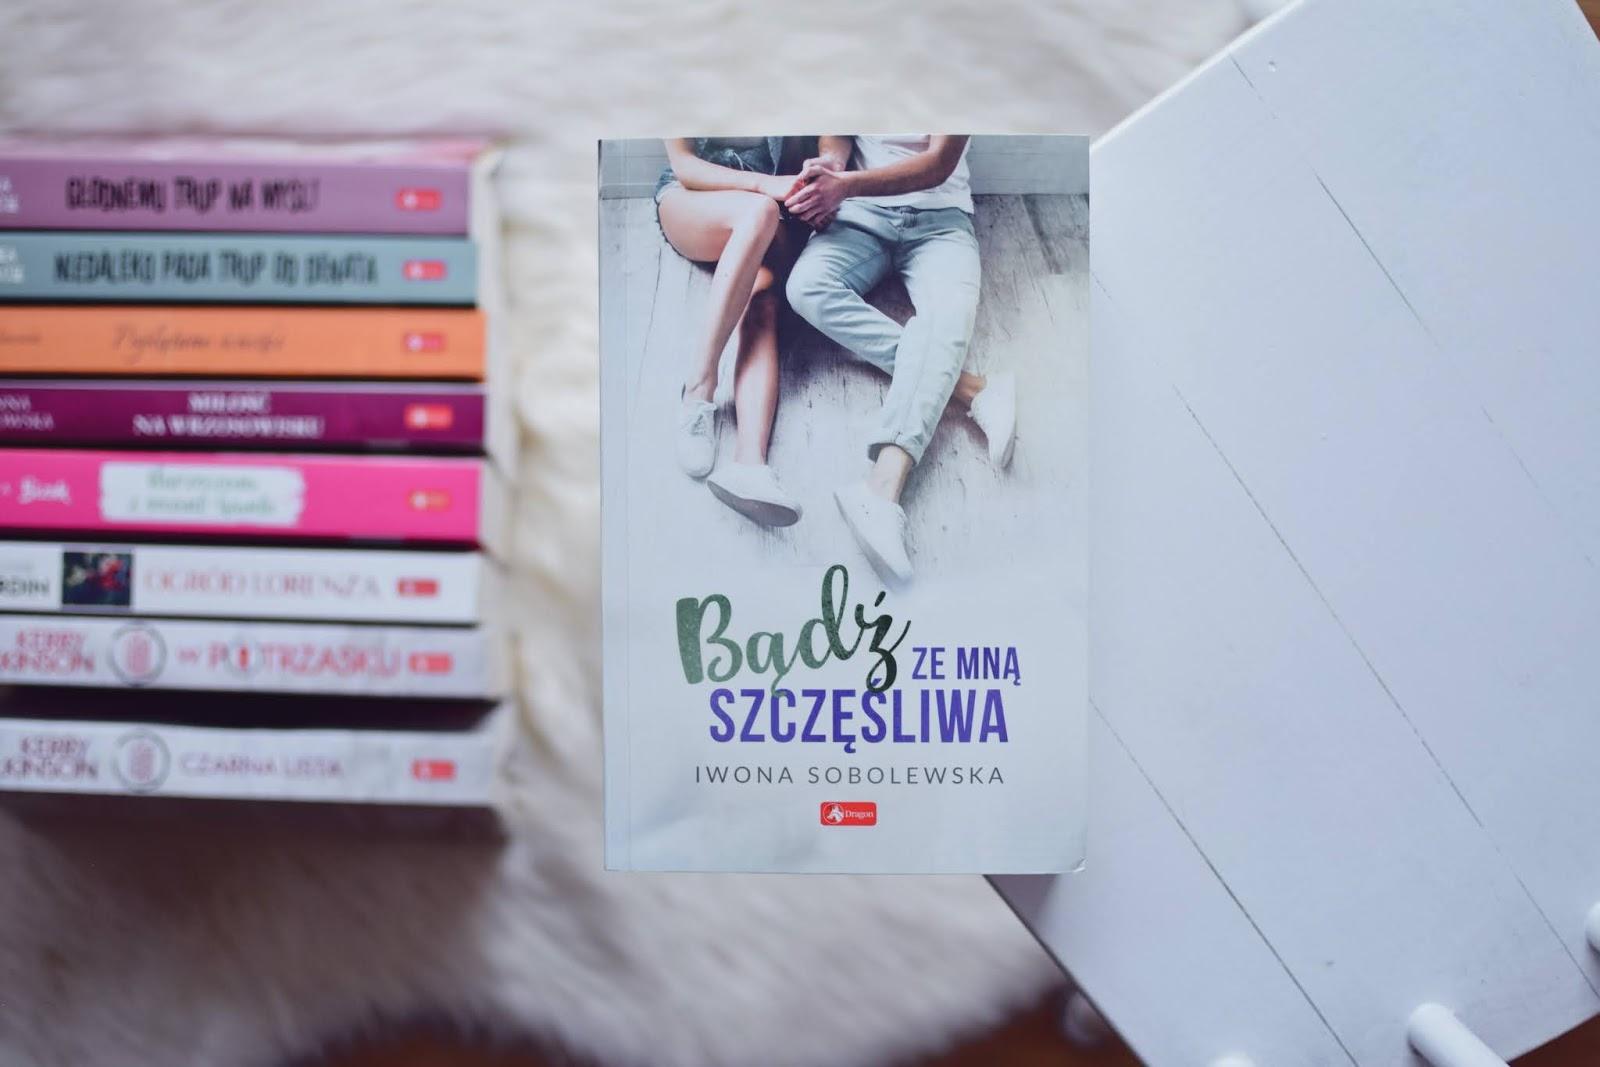 BądźZeMnąSzczęśliwa, IwonaSobolewska, OdkądCięPoznałam, opowiadanie, powieśćobyczajowa, recenzja, romans, WydawnictwoDragon,